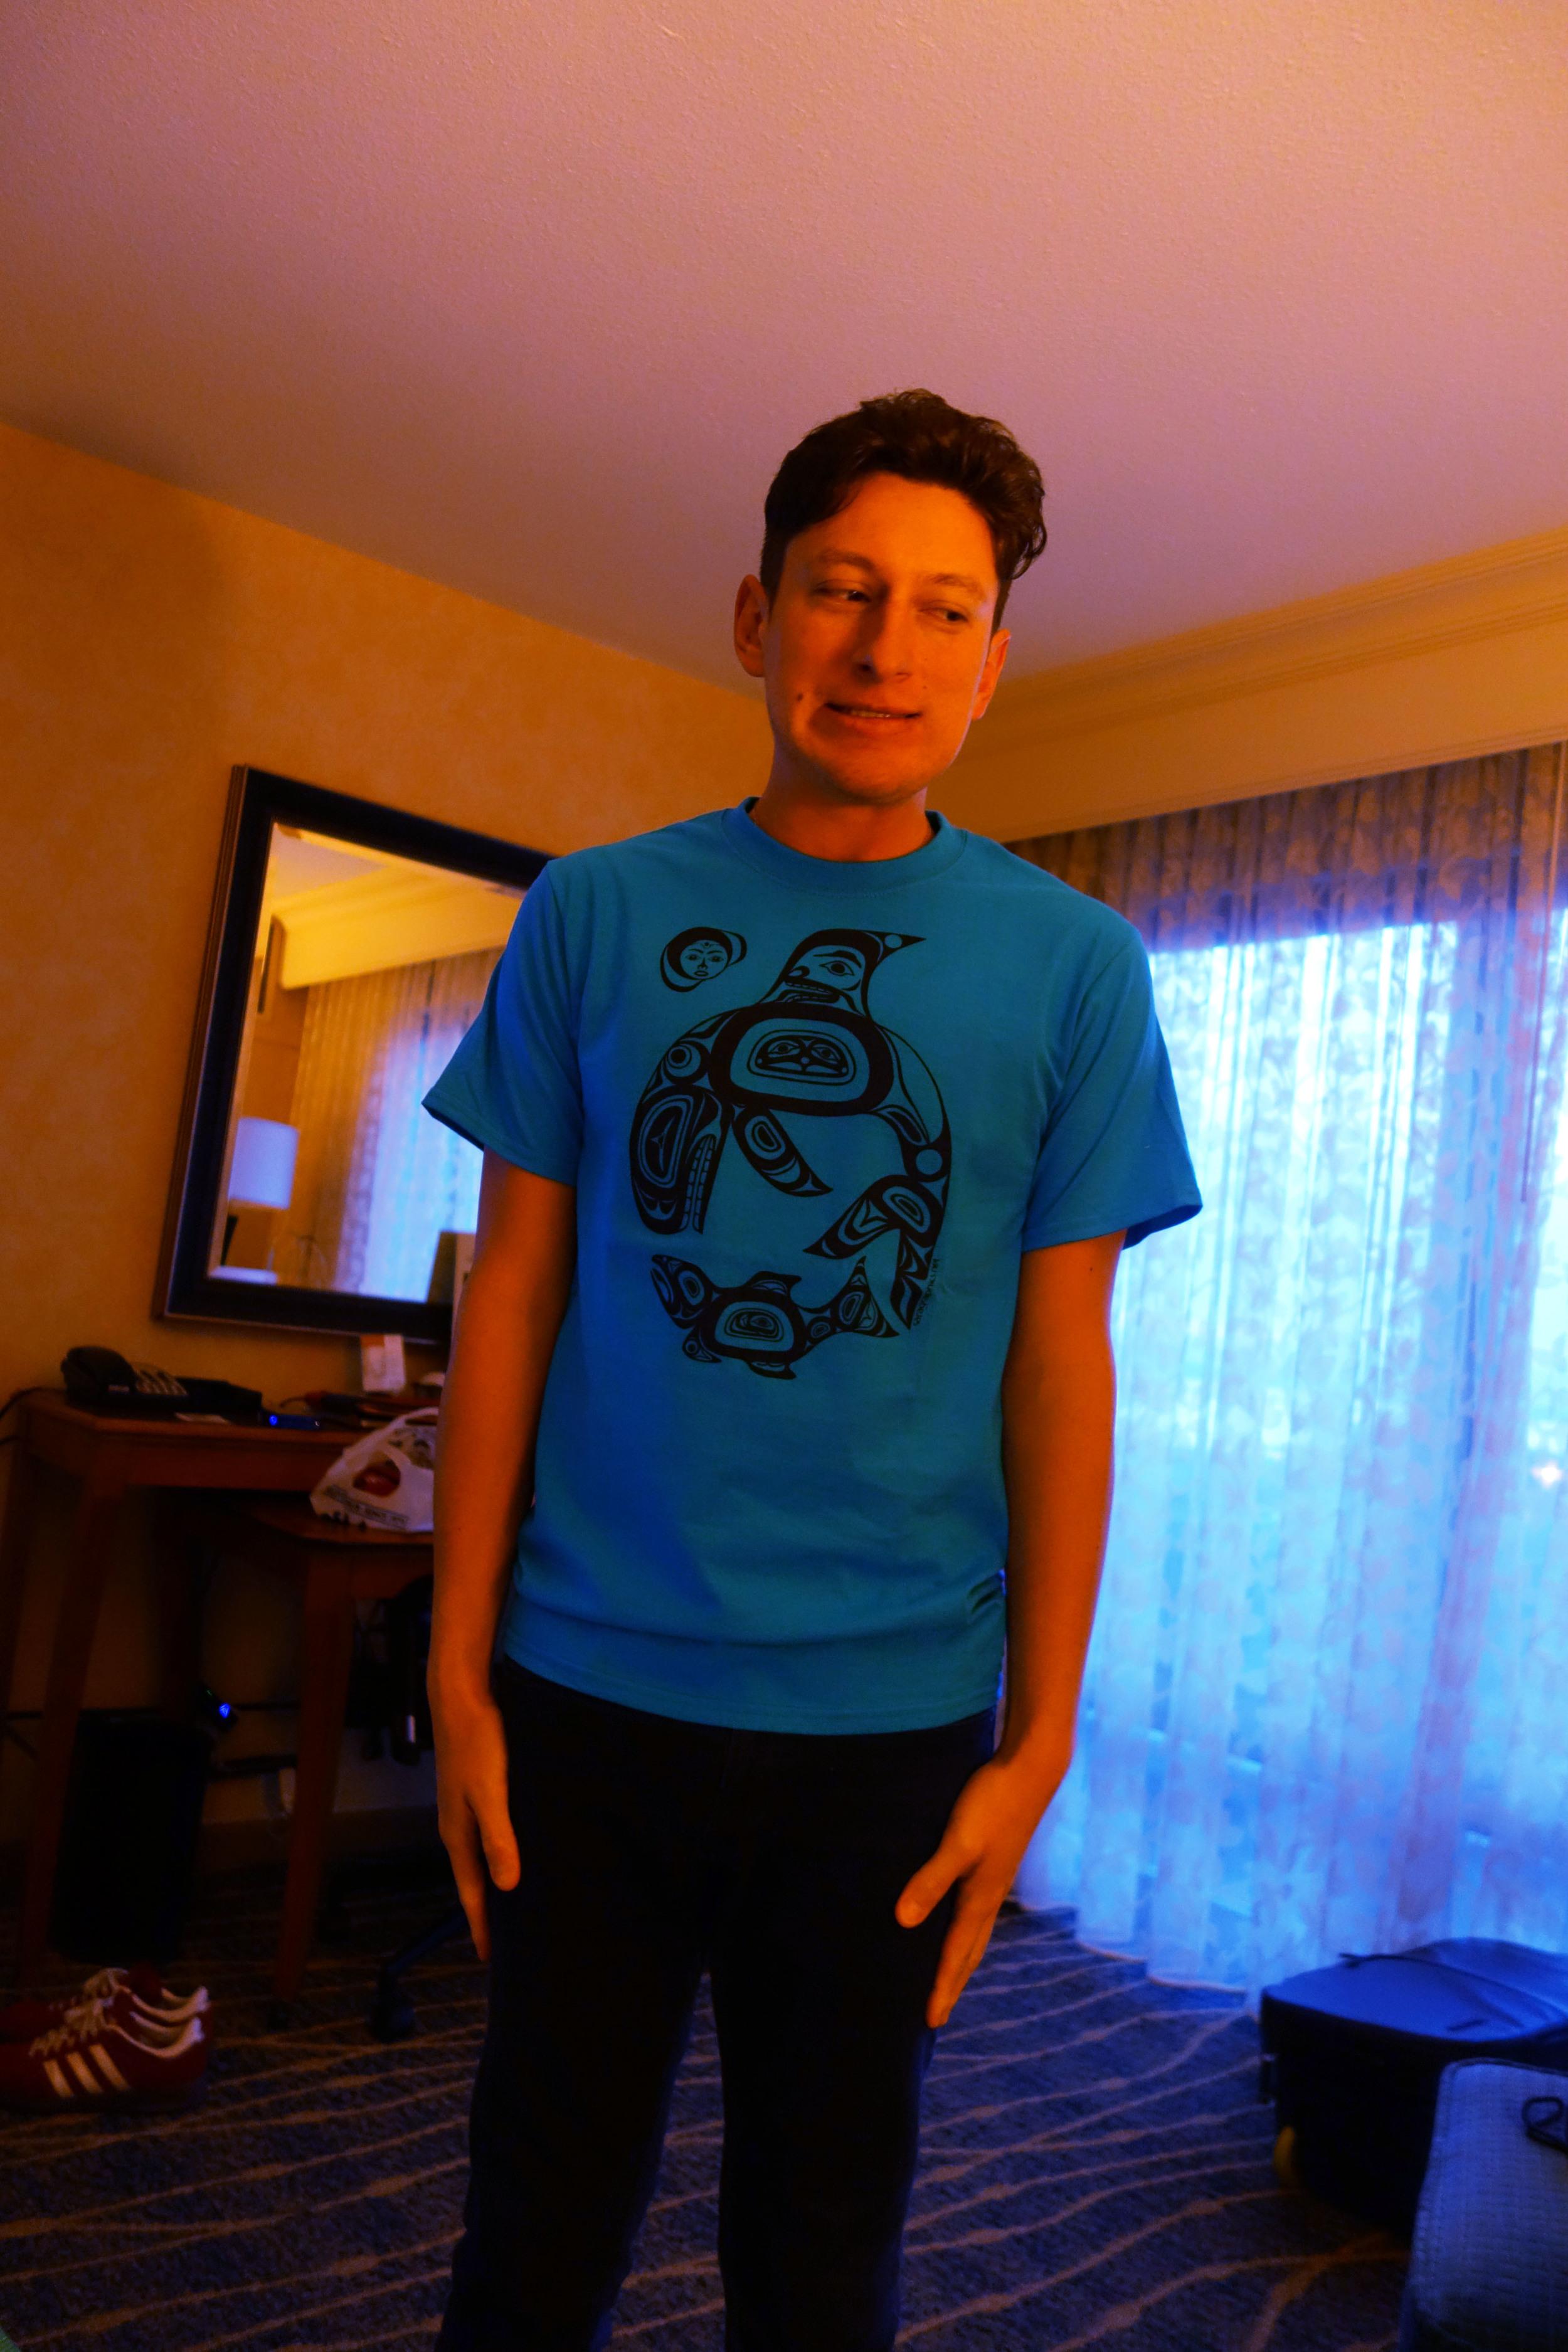 DSC01033 Richard's Not a Penguin Shirt.JPG